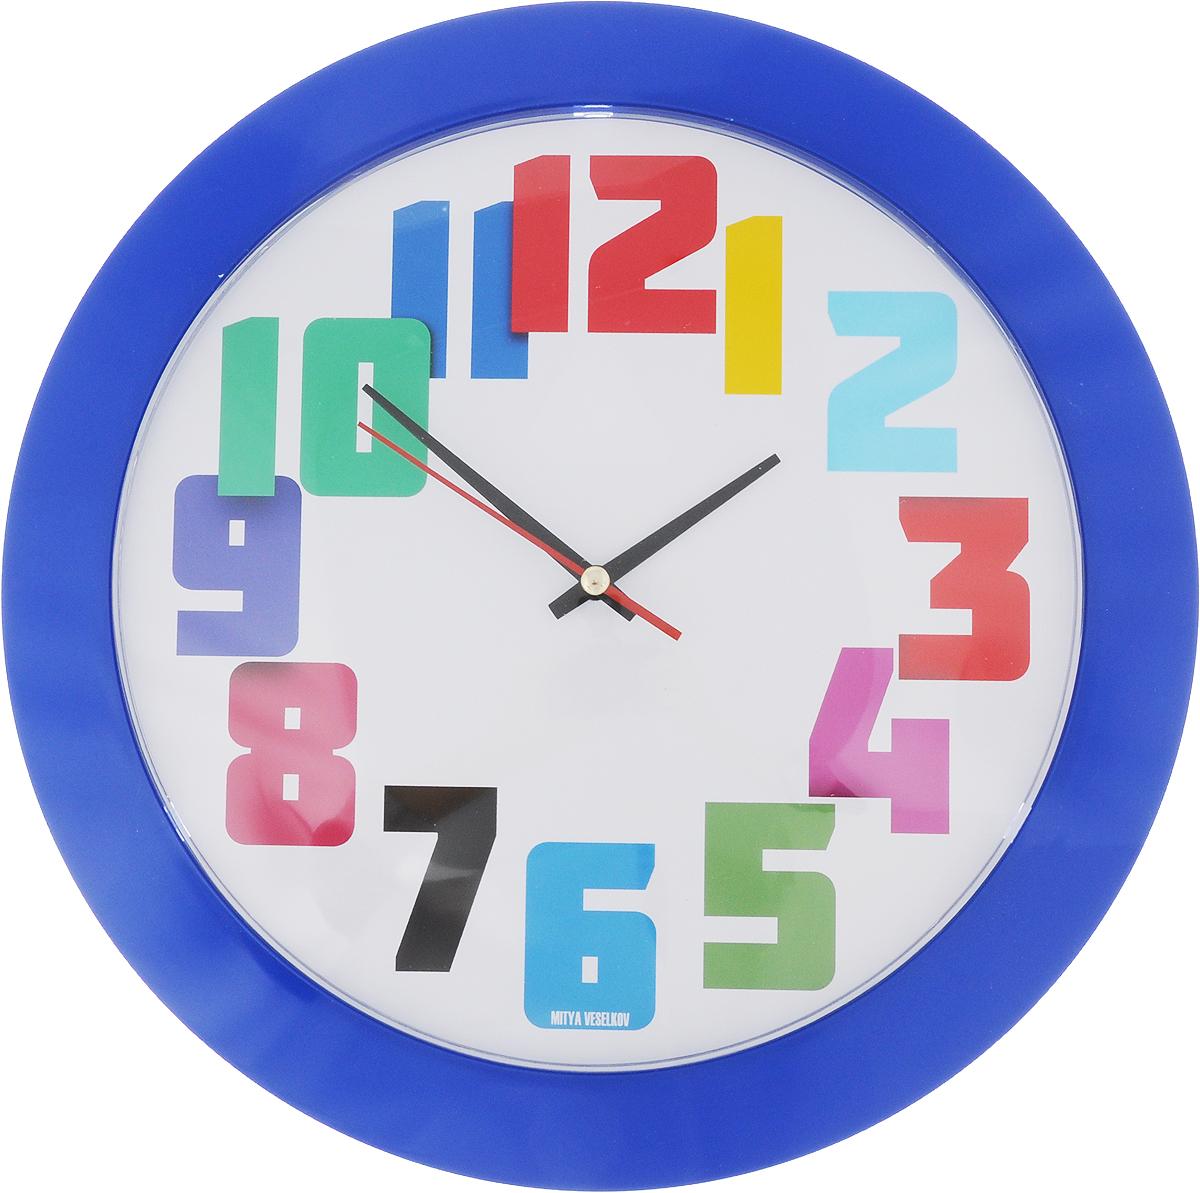 Часы настенные Mitya Veselkov Разноцветные цифры, цвет: синий, диаметр 30 см300074_ежевикаОригинальные настенные часы Mitya Veselkov Разноцветные цифры прекрасно дополнят интерьер комнаты. Круглый корпус часов выполнен из металла синего цвета. Циферблат защищен стеклом. Часы имеют три стрелки - часовую, минутную и секундную.Оформите свой дом таким интерьерным аксессуаром или преподнесите его в качестве презента друзьям, и они оценят ваш оригинальный вкус и неординарность подарка. Диаметр часов: 30 см. Толщина корпуса: 4 см. Часы работают от 1 батарейки типа АА (входит в комплект).